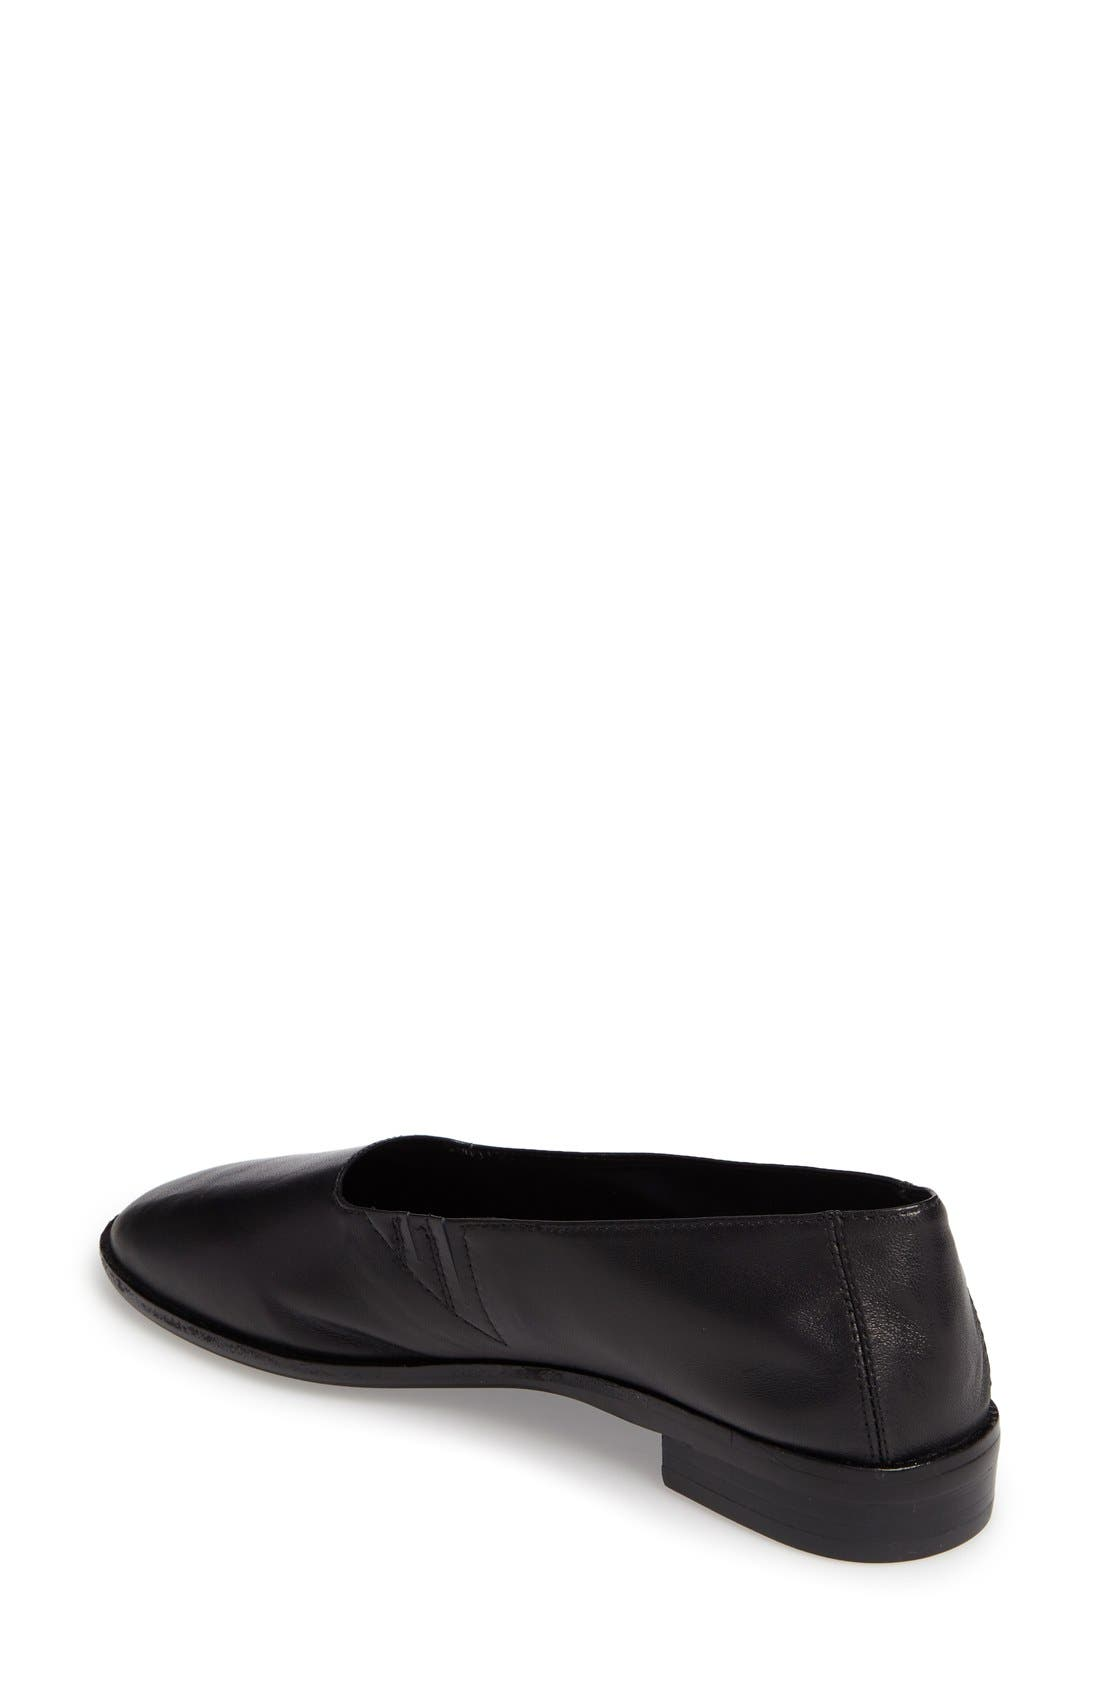 'Jordan' Flat,                             Alternate thumbnail 2, color,                             Black Leather